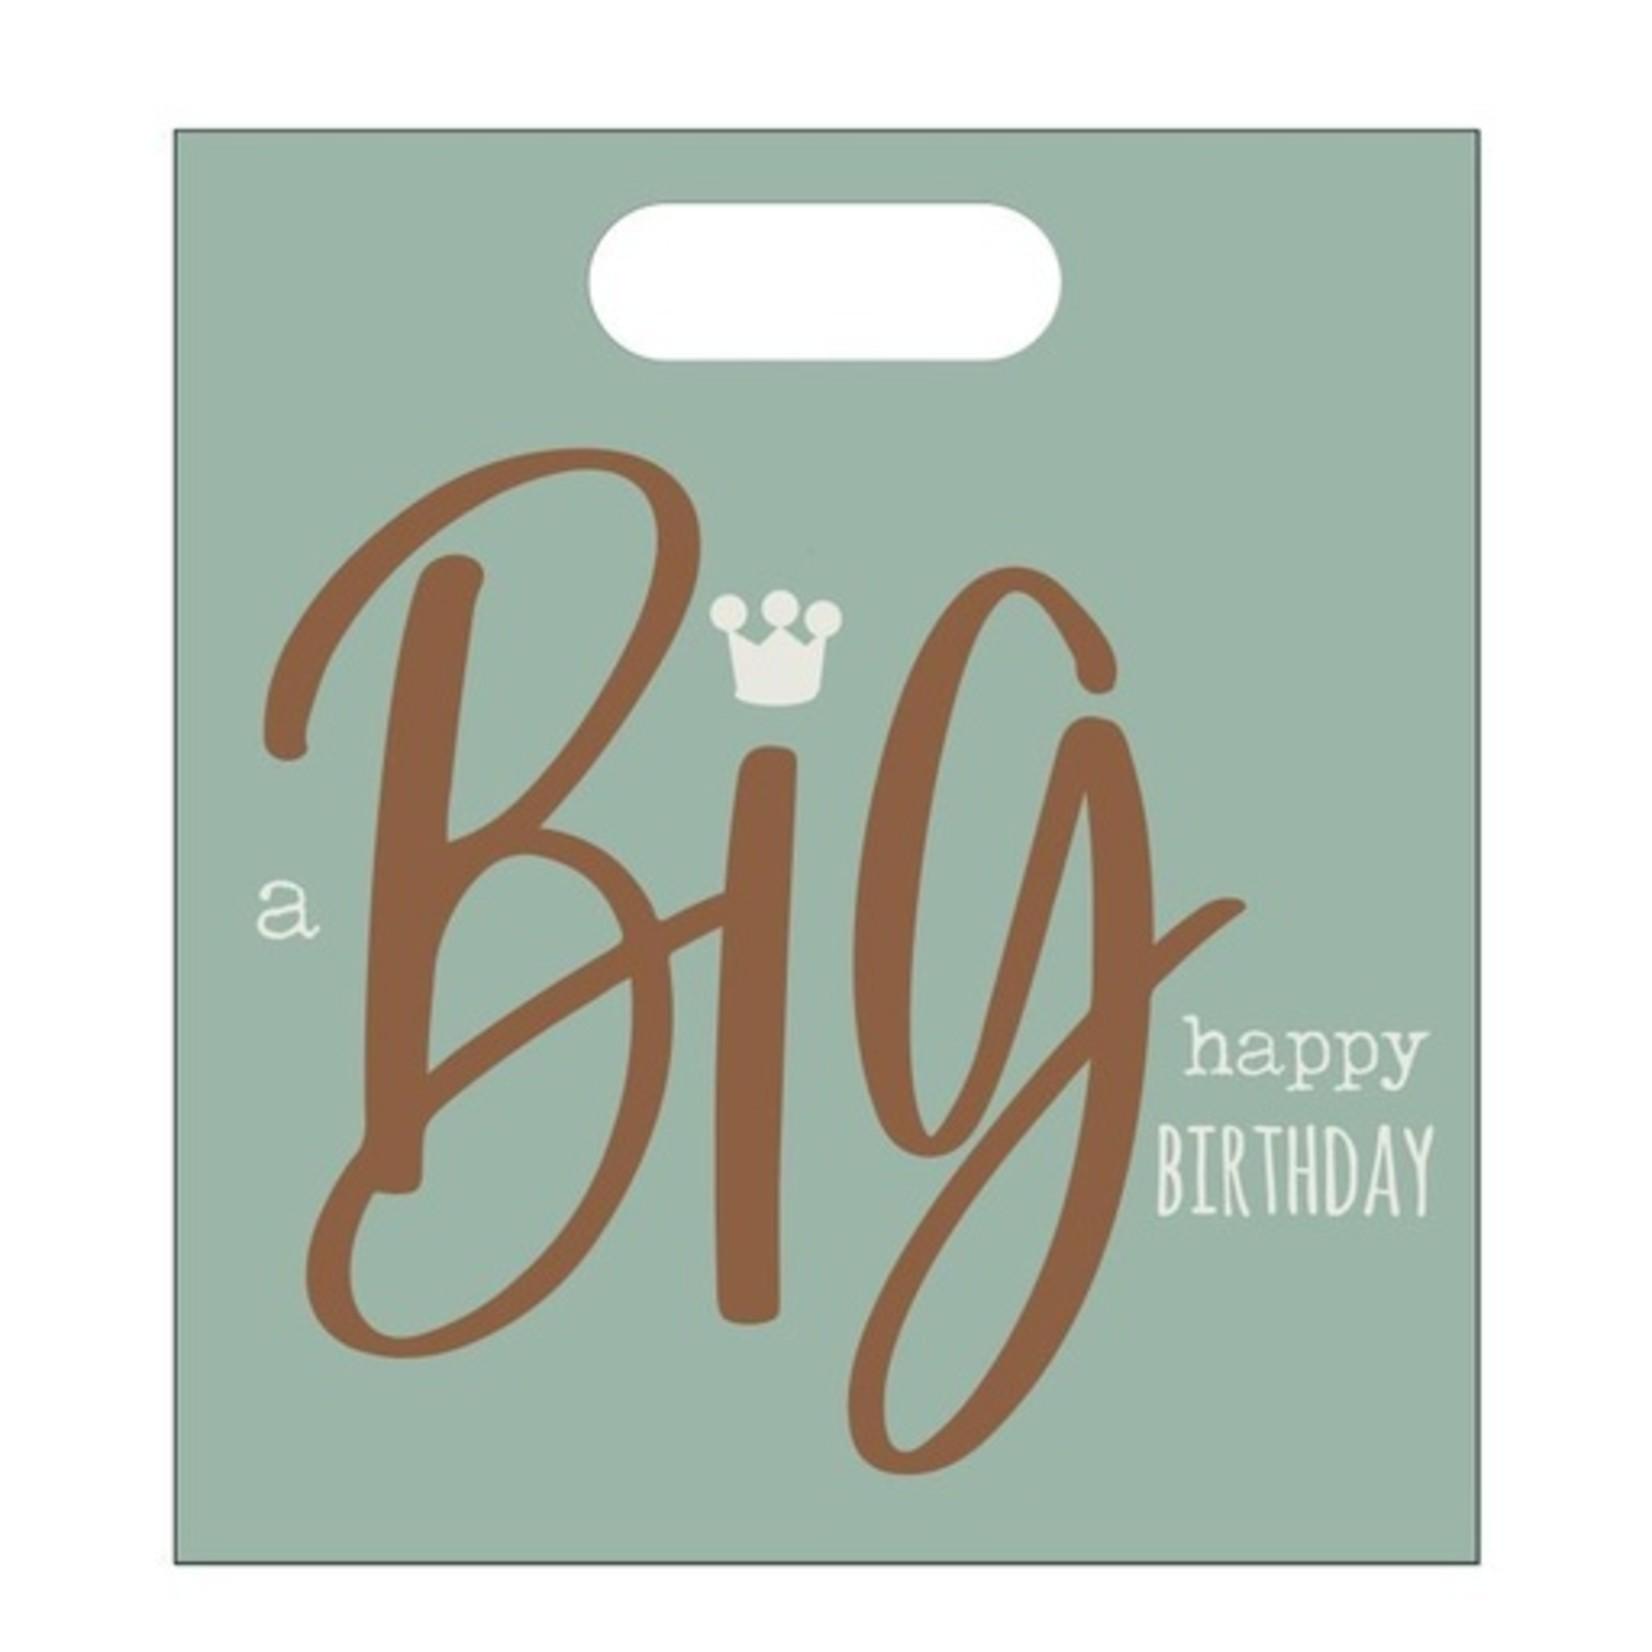 Luxe zakje - a BIG happy birthday - 24x27cm